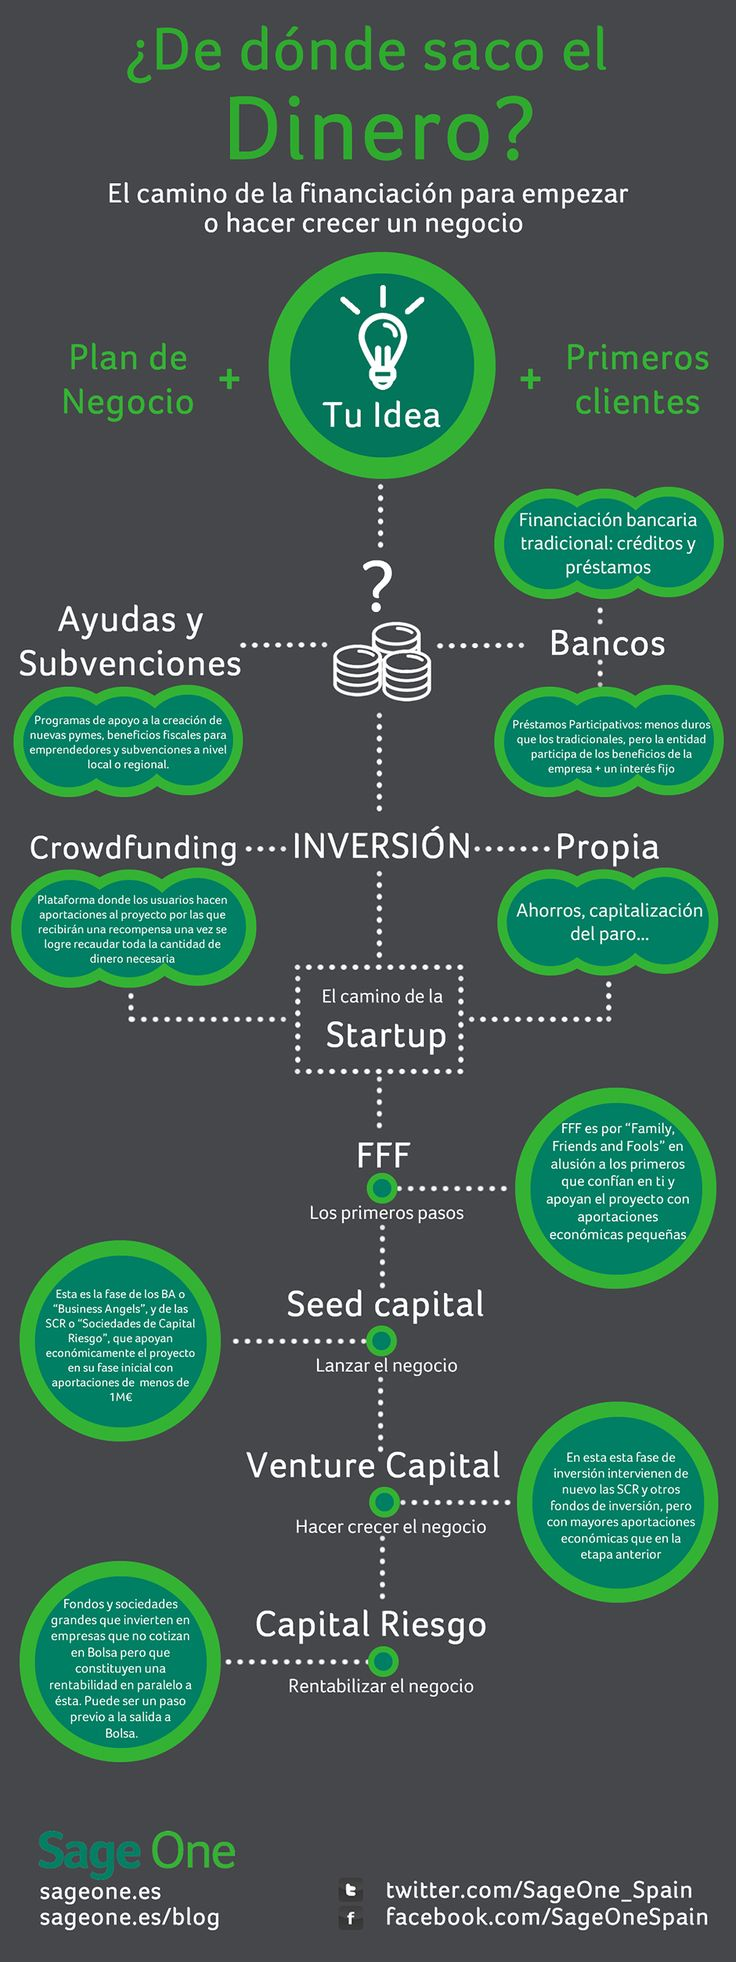 ¿De dónde sacan el dinero los emprendedores para su empresa? Más información en http://sage.es/recursos_empresariales/infografias/infografia_sage_one